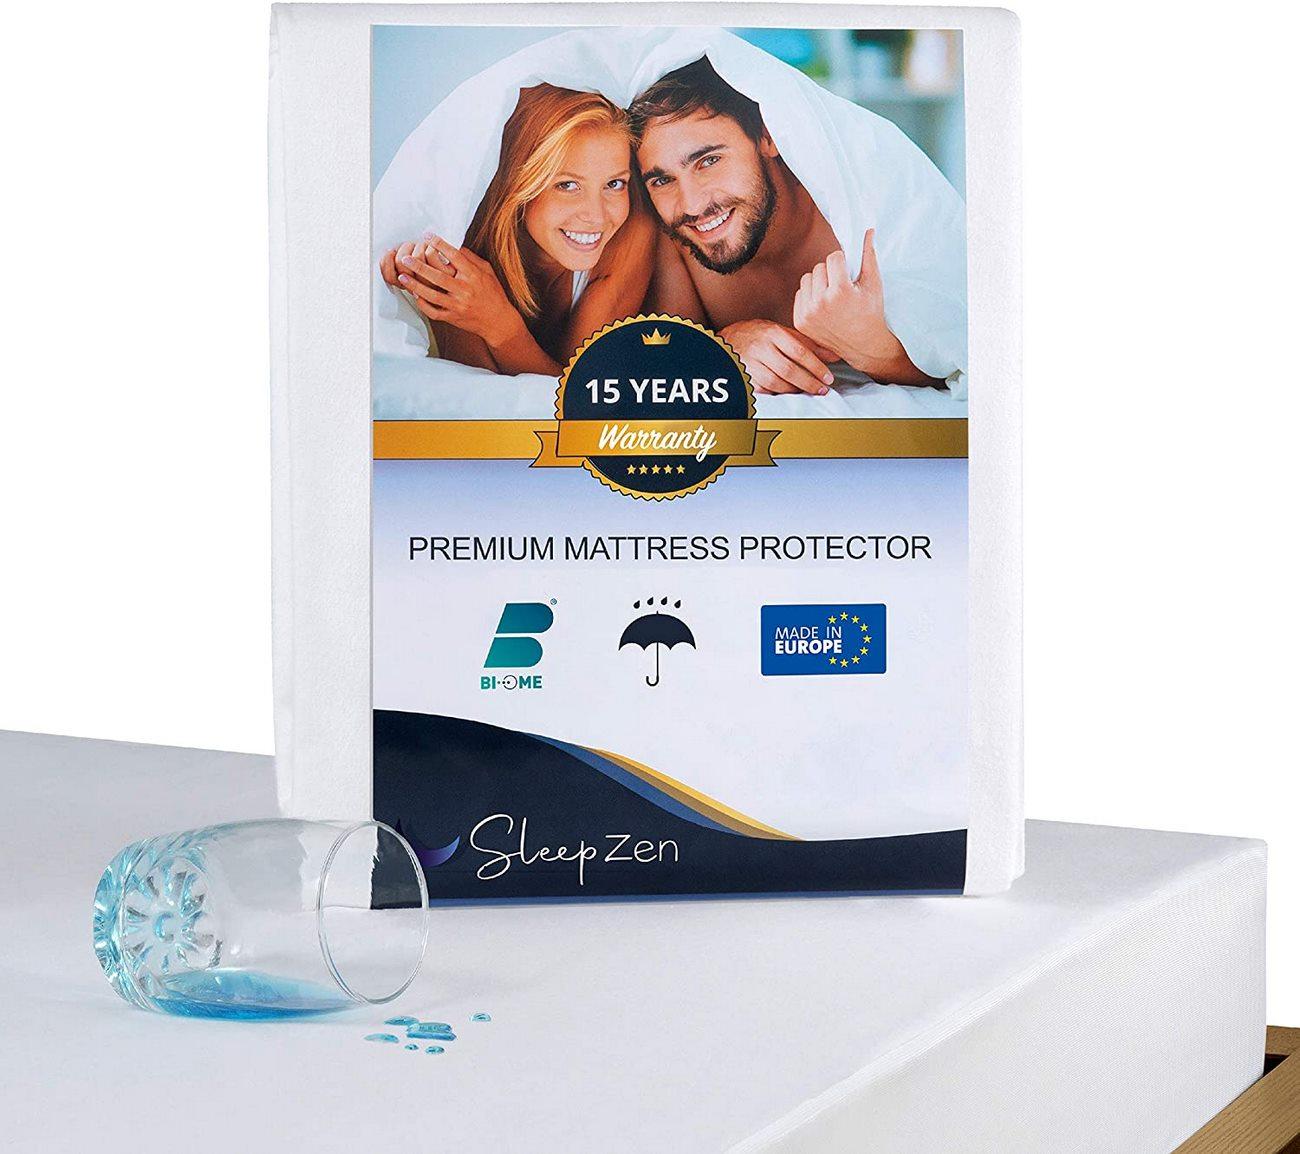 Protector de colchón SleepZen